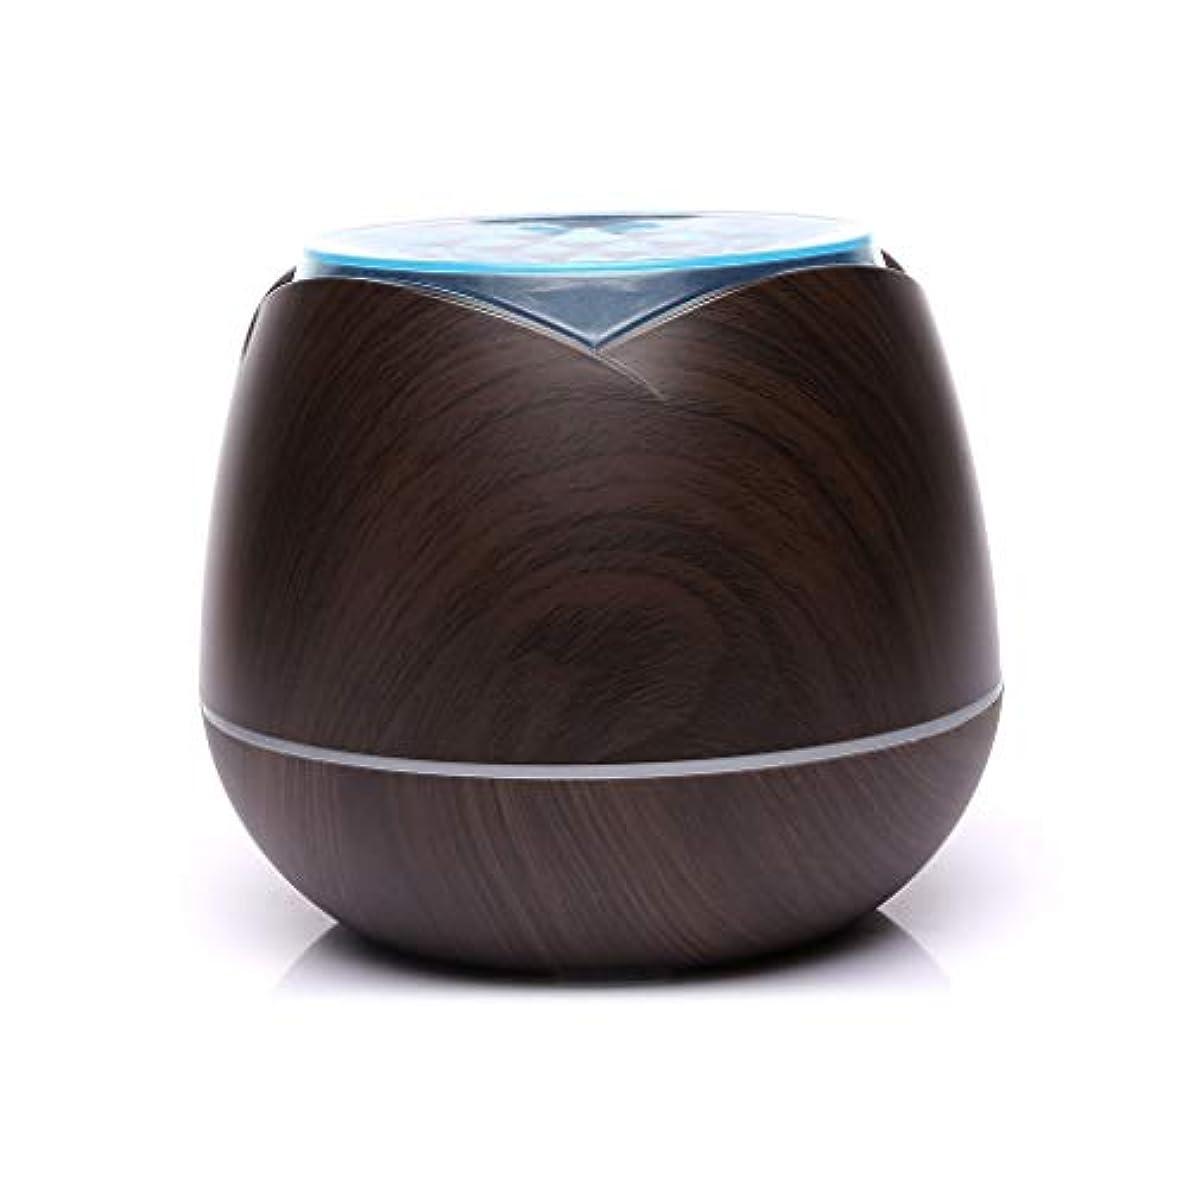 椅子内訳色合い涼しい霧の空気加湿器、家、ヨガ、オフィス、鉱泉、寝室のために変わる色LEDライトと超音波400ml - 木目 - (Color : Dark wood grain)